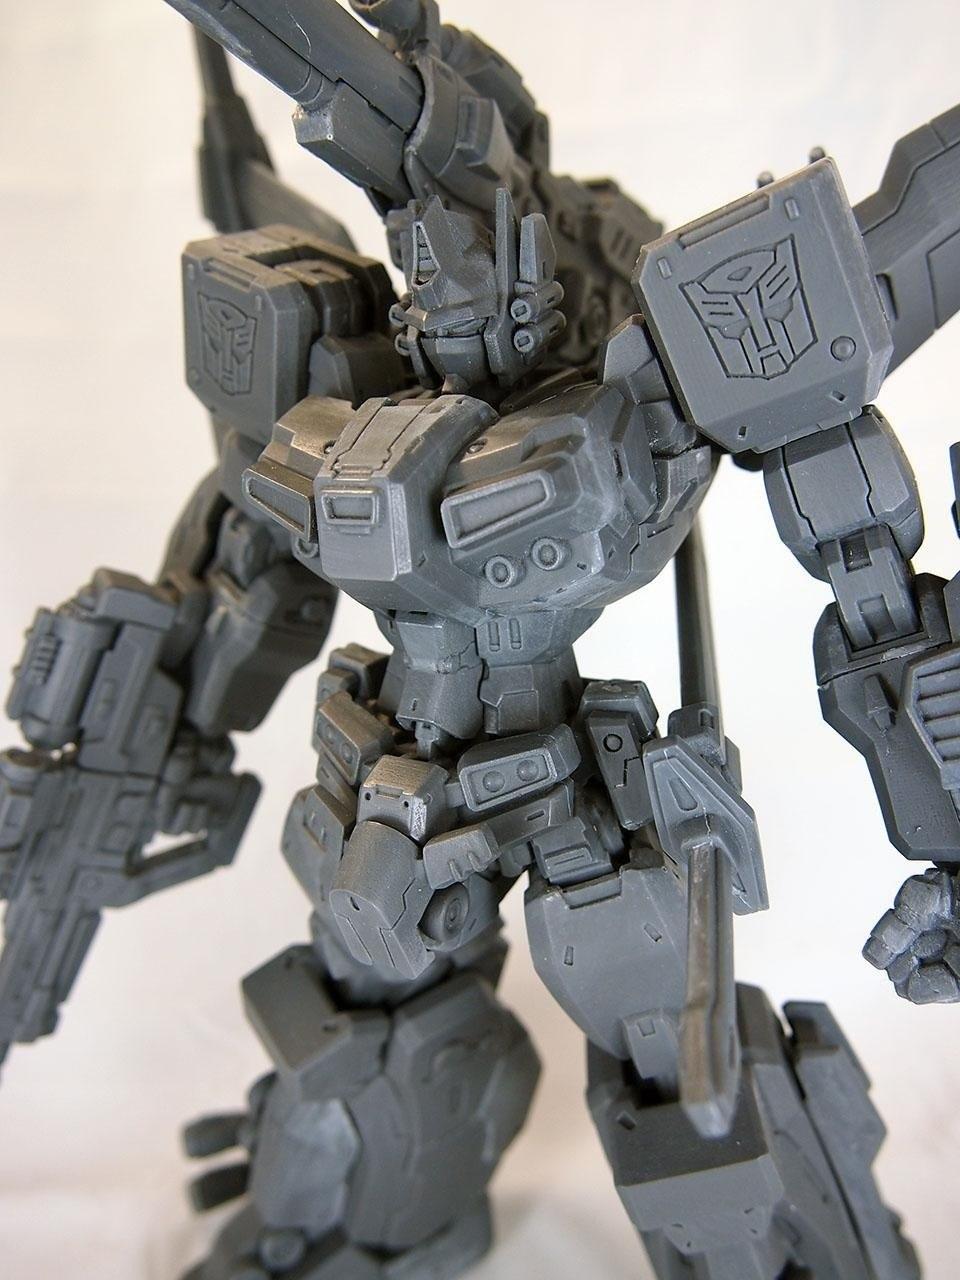 Figurines Transformers G1 (articulé, non transformable) ― Par ThreeZero, R.E.D, Super7, Toys Alliance, etc - Page 2 54091399jw1enratiqw3ej20qo0zkjw7_1419946029